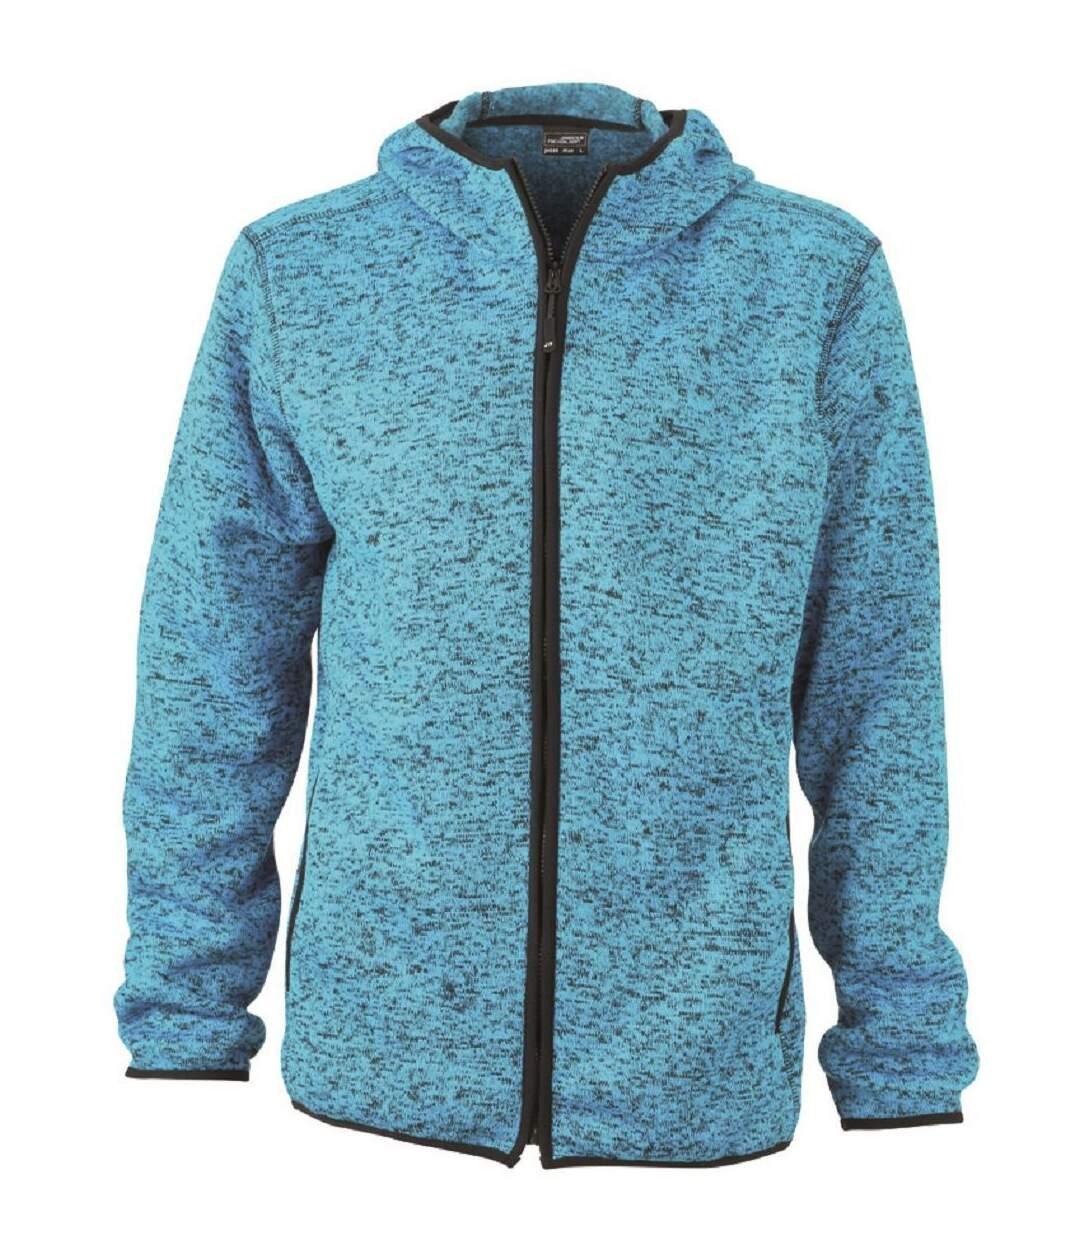 Veste tricot polaire à capuche HOMME- JN589 - bleu clair chiné